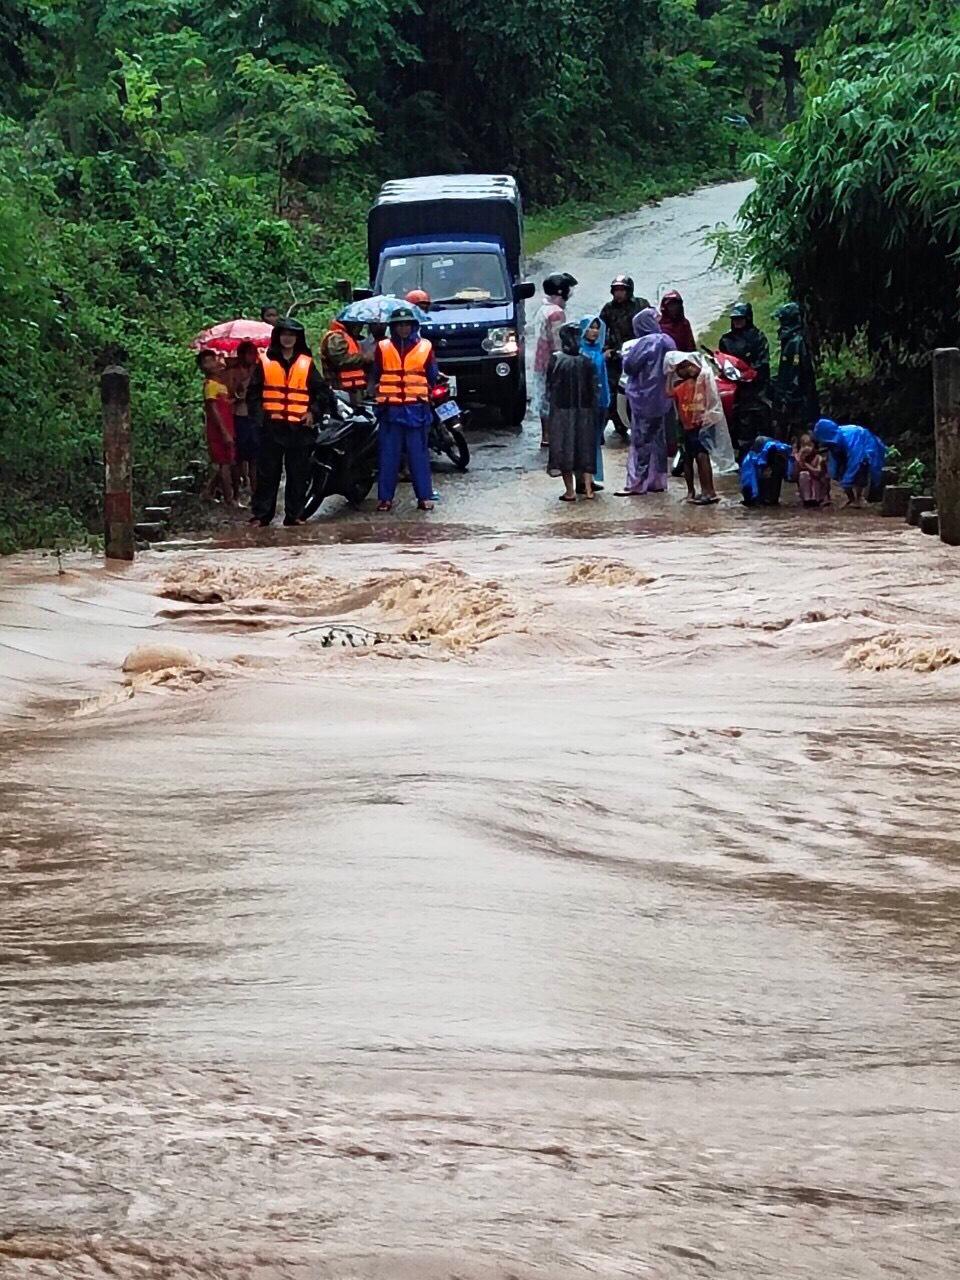 Giao thông hiện lên huyện miền núi  Đakrông có nhiều nhà đang bị cô lập do mưa lũ trở lại